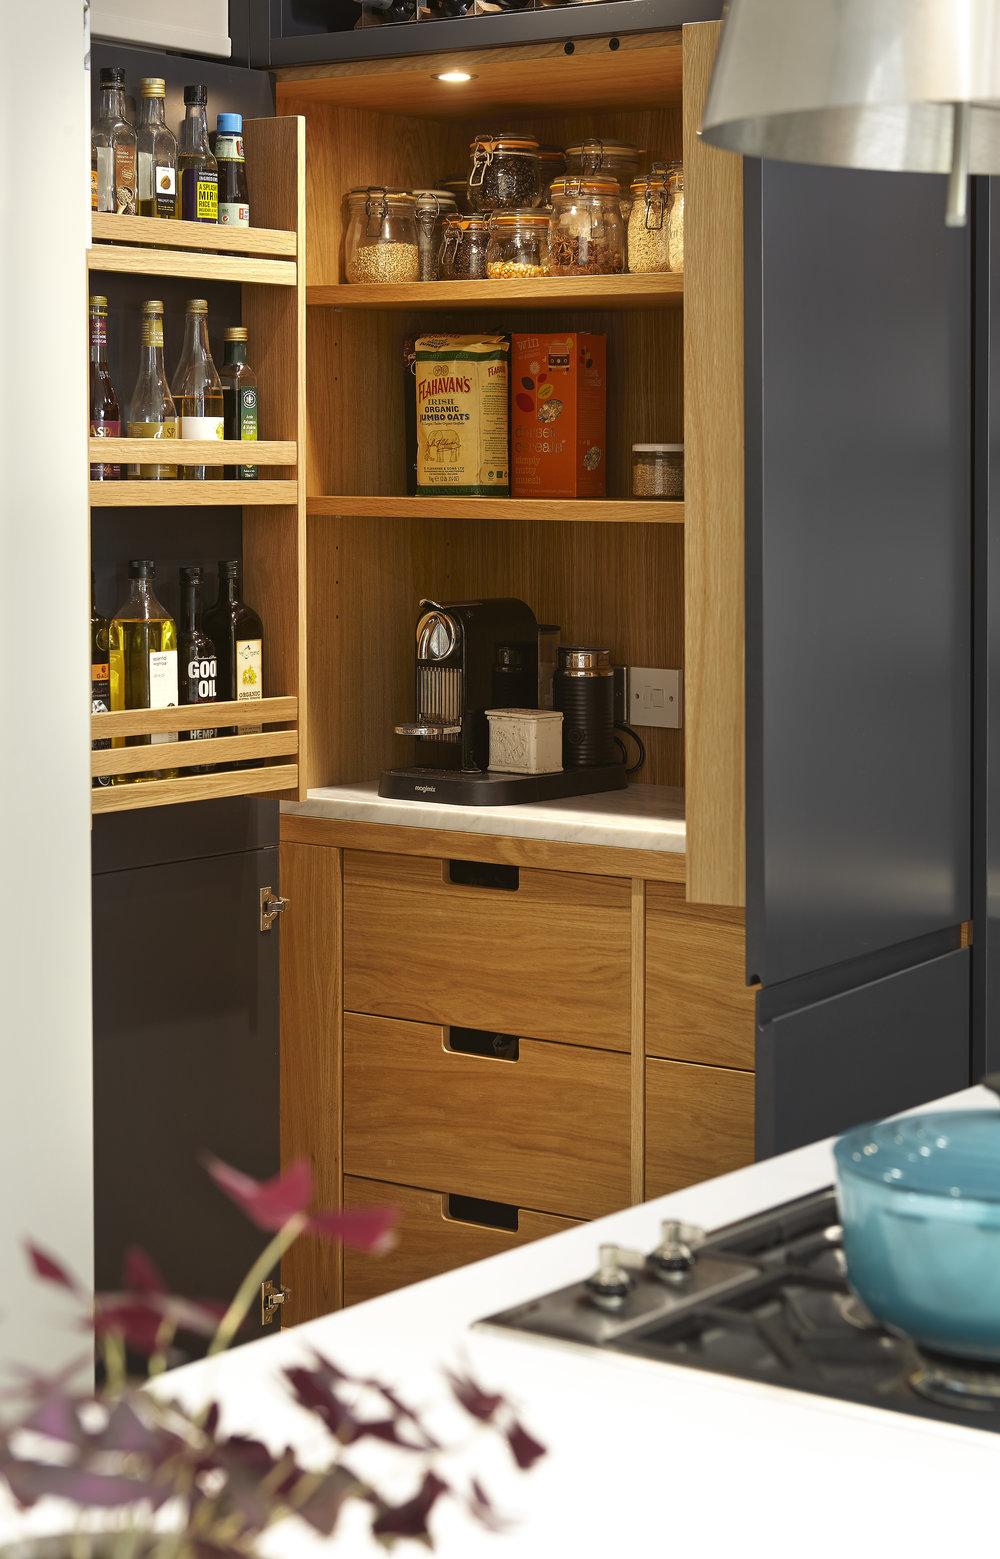 kitchens11481